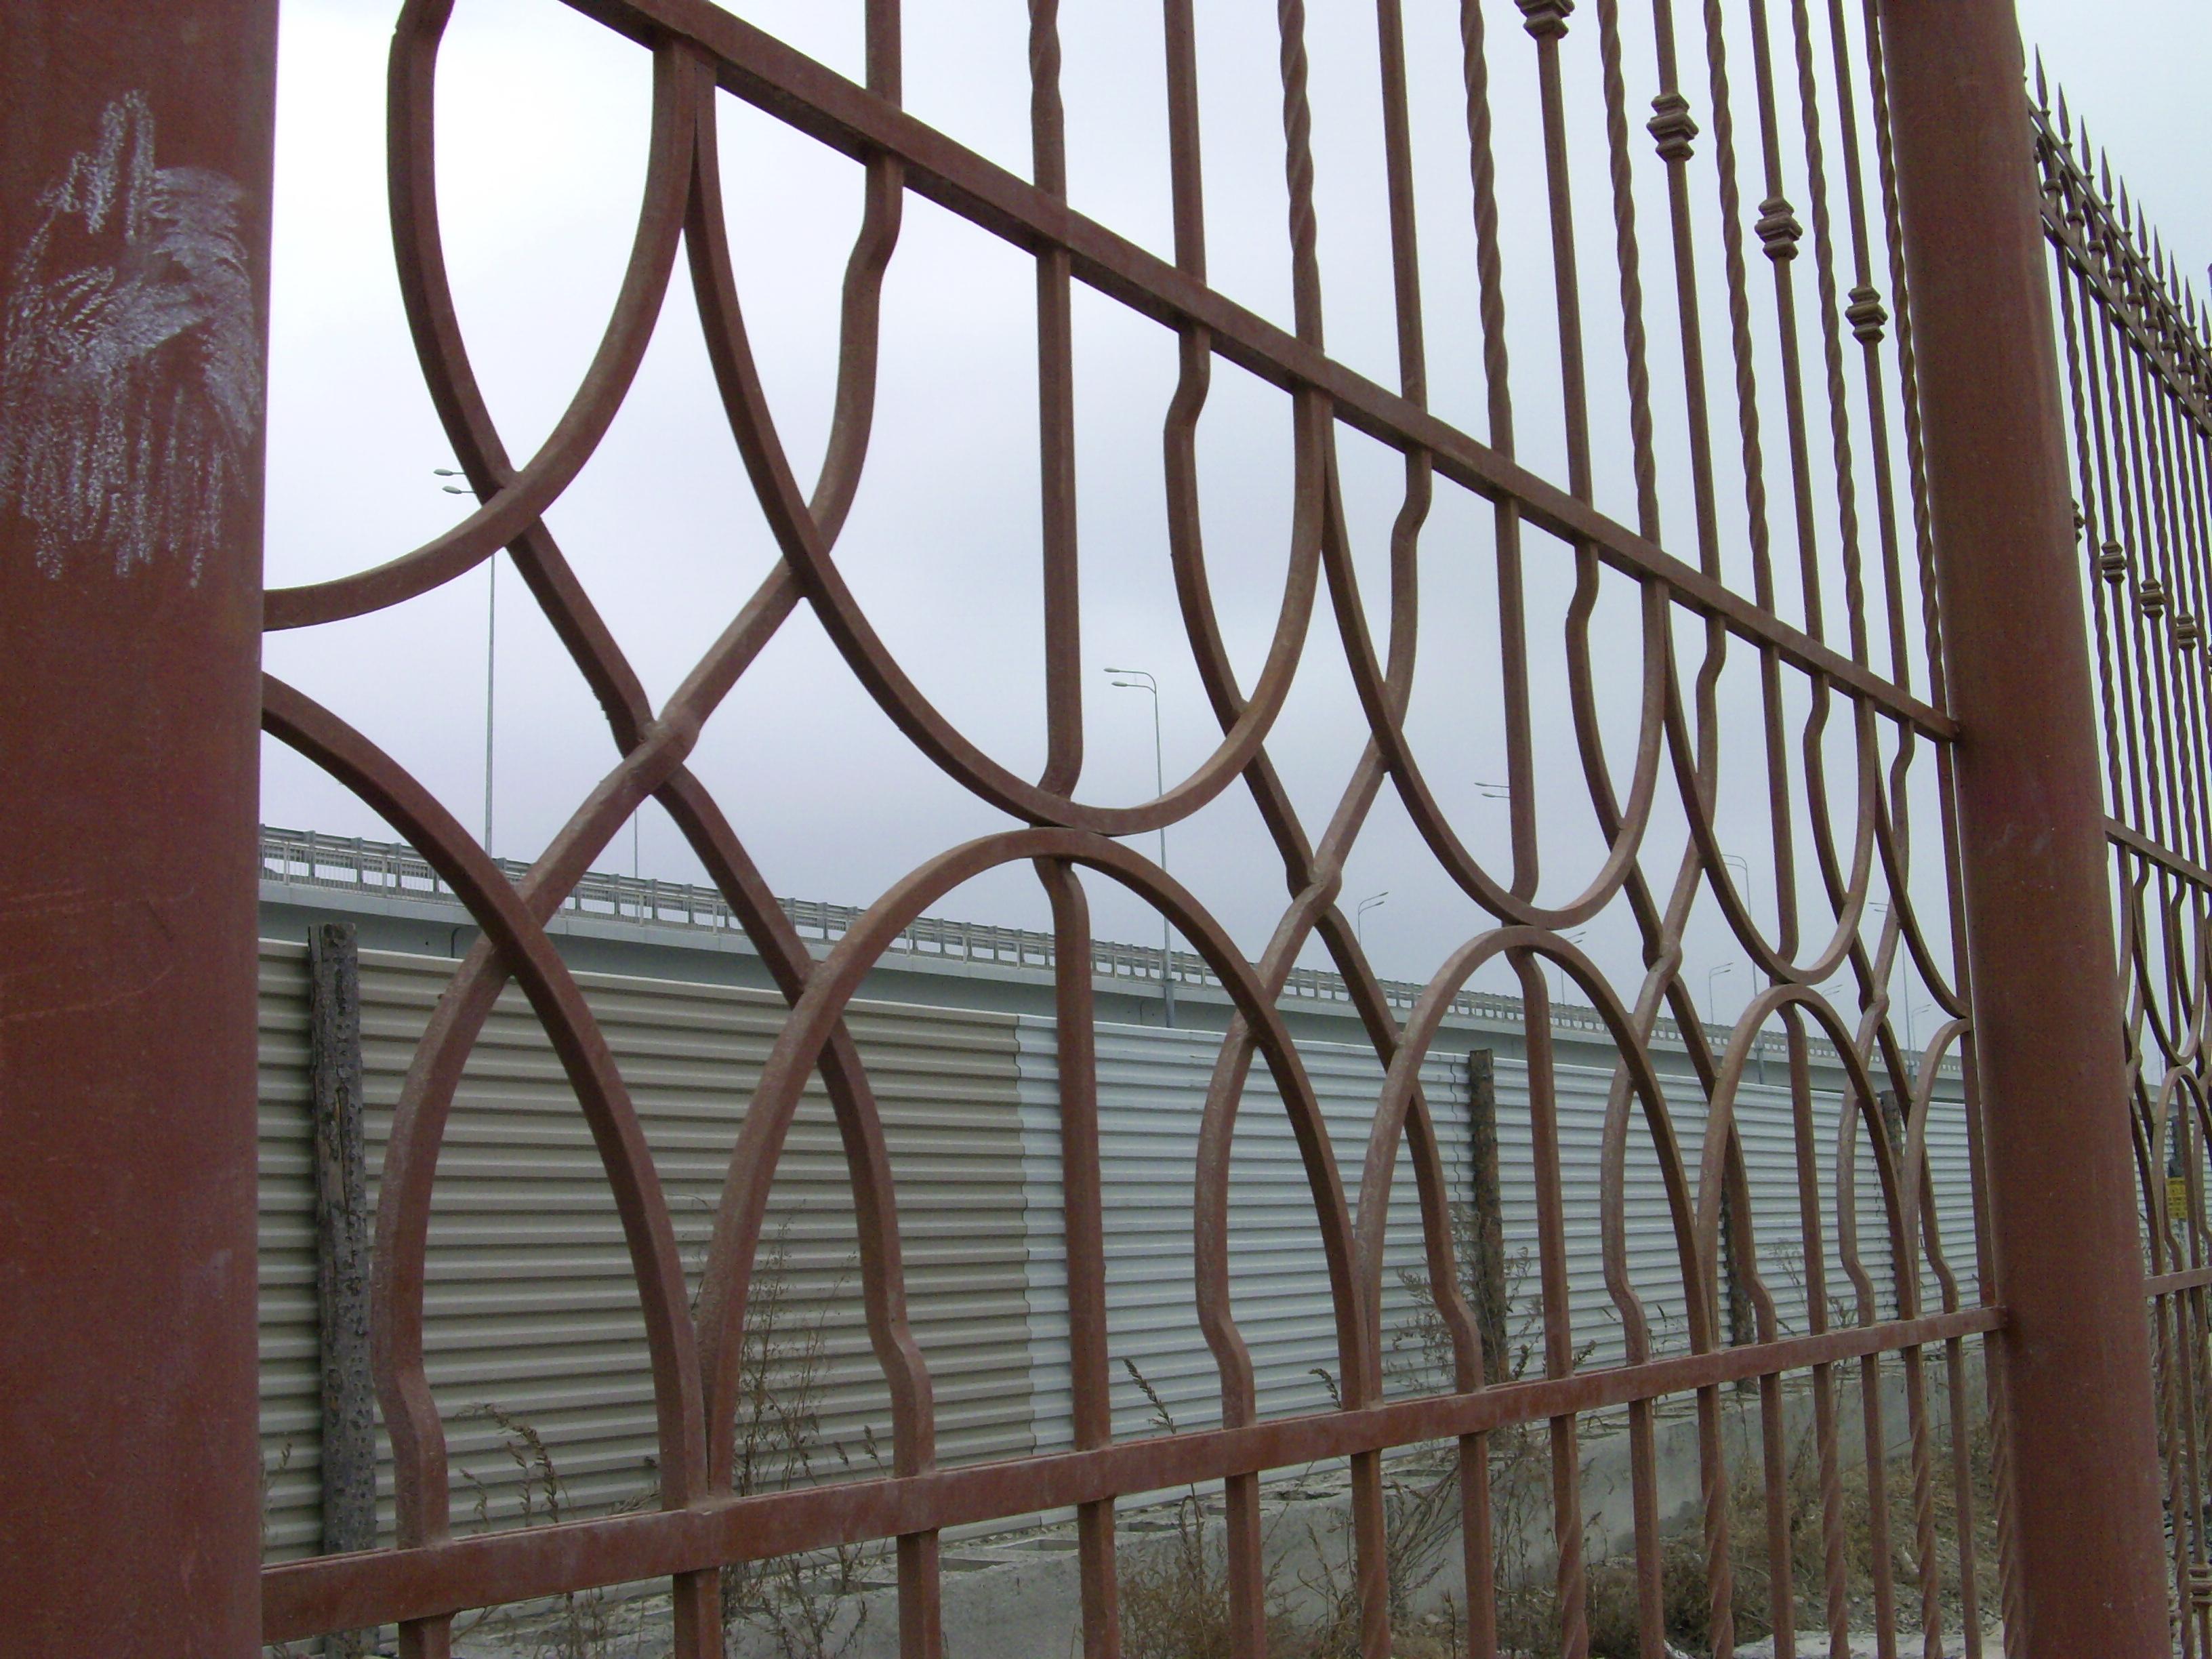 кованый забор Владивосток. художественная ковка в Приморье, ковка на заказ. ковка Владивосток. устройство заборов. металлический забор. заборы, ворота кованые. красивый забор. ручная ковка. свободная ковка.